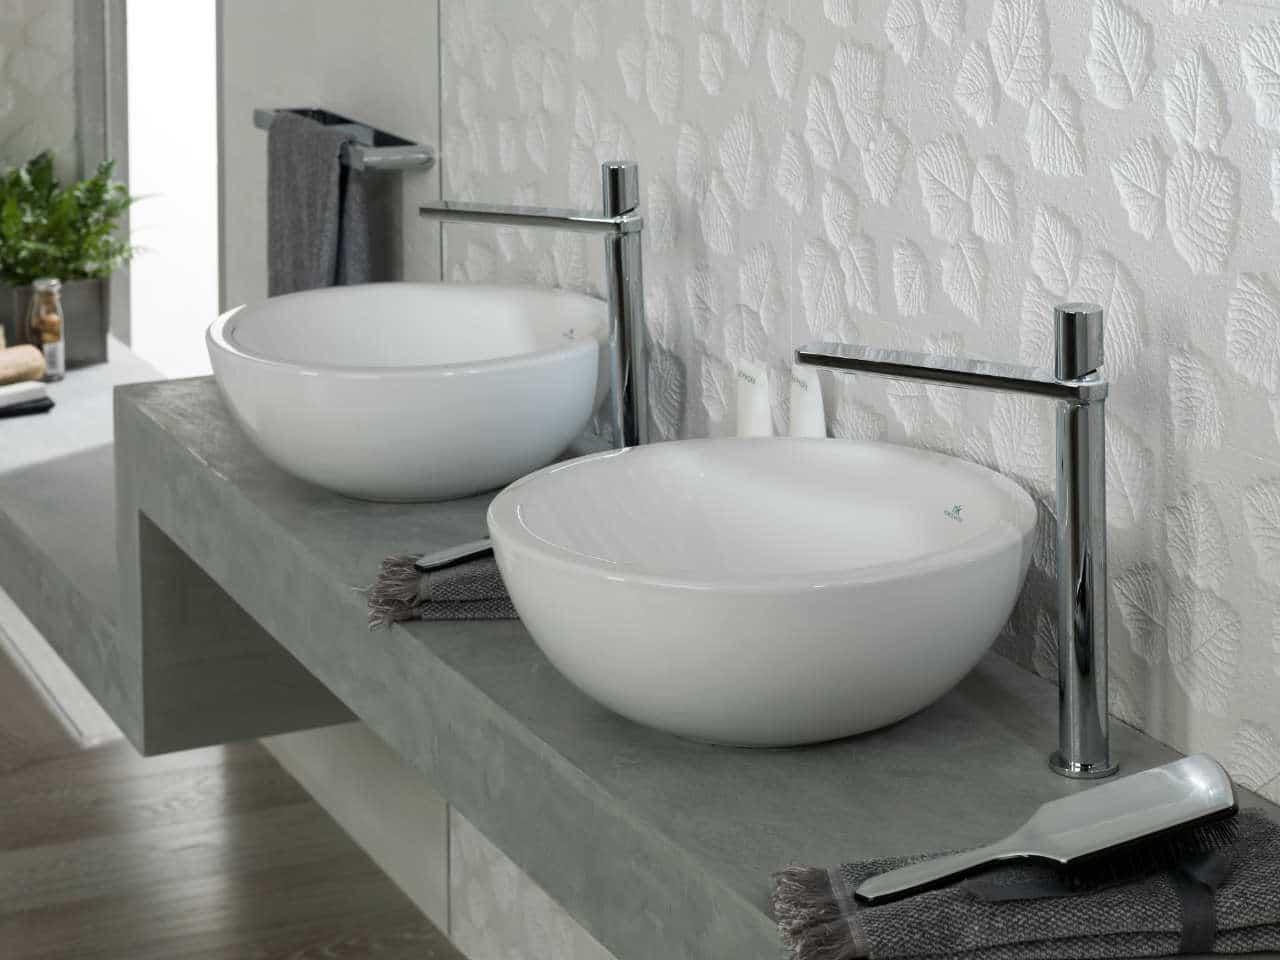 Lavabo Personne Mobilité Réduite faire le choix entre un lavabo et une vasque pour votre